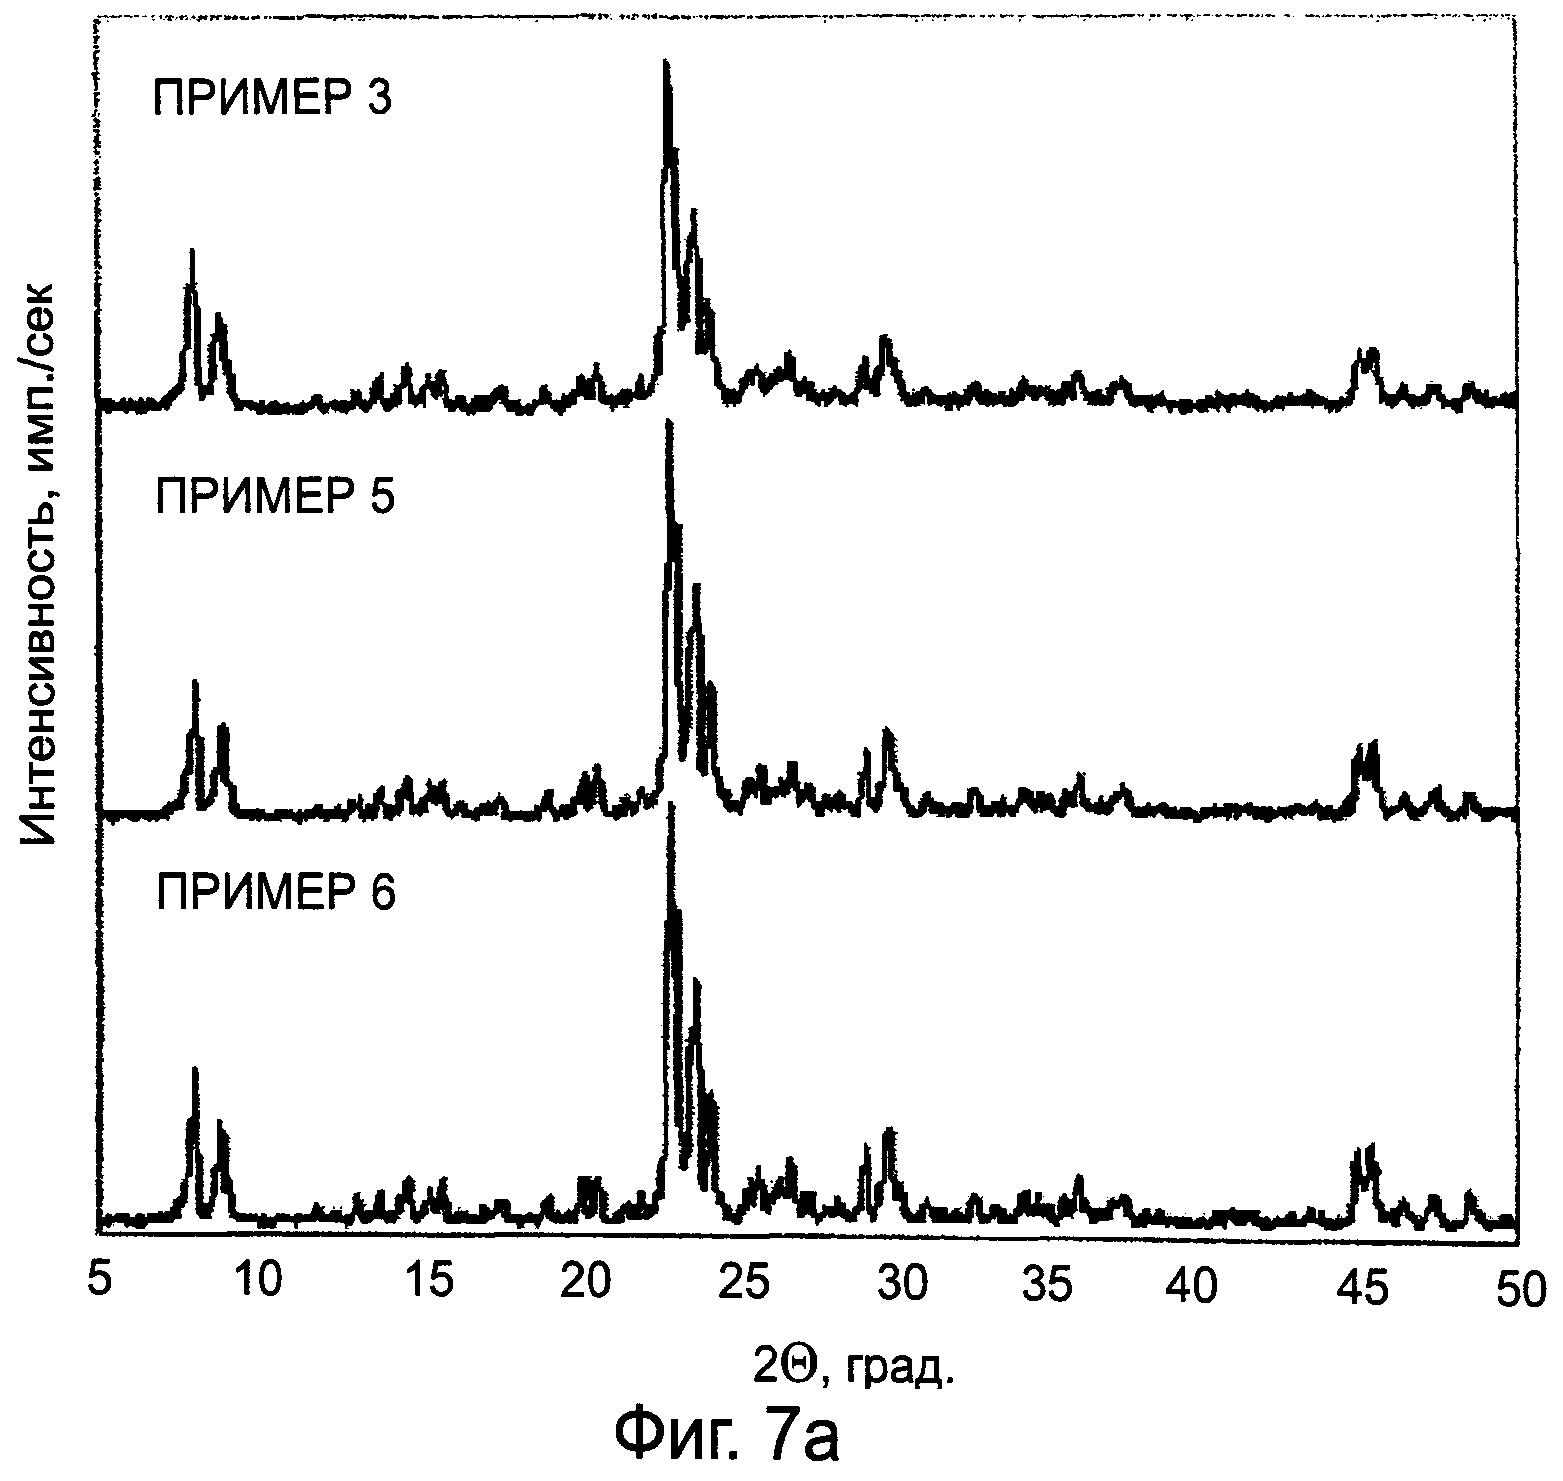 Способ получения цеолита zsm-5 с использованием нанокристаллических затравок zsm-5